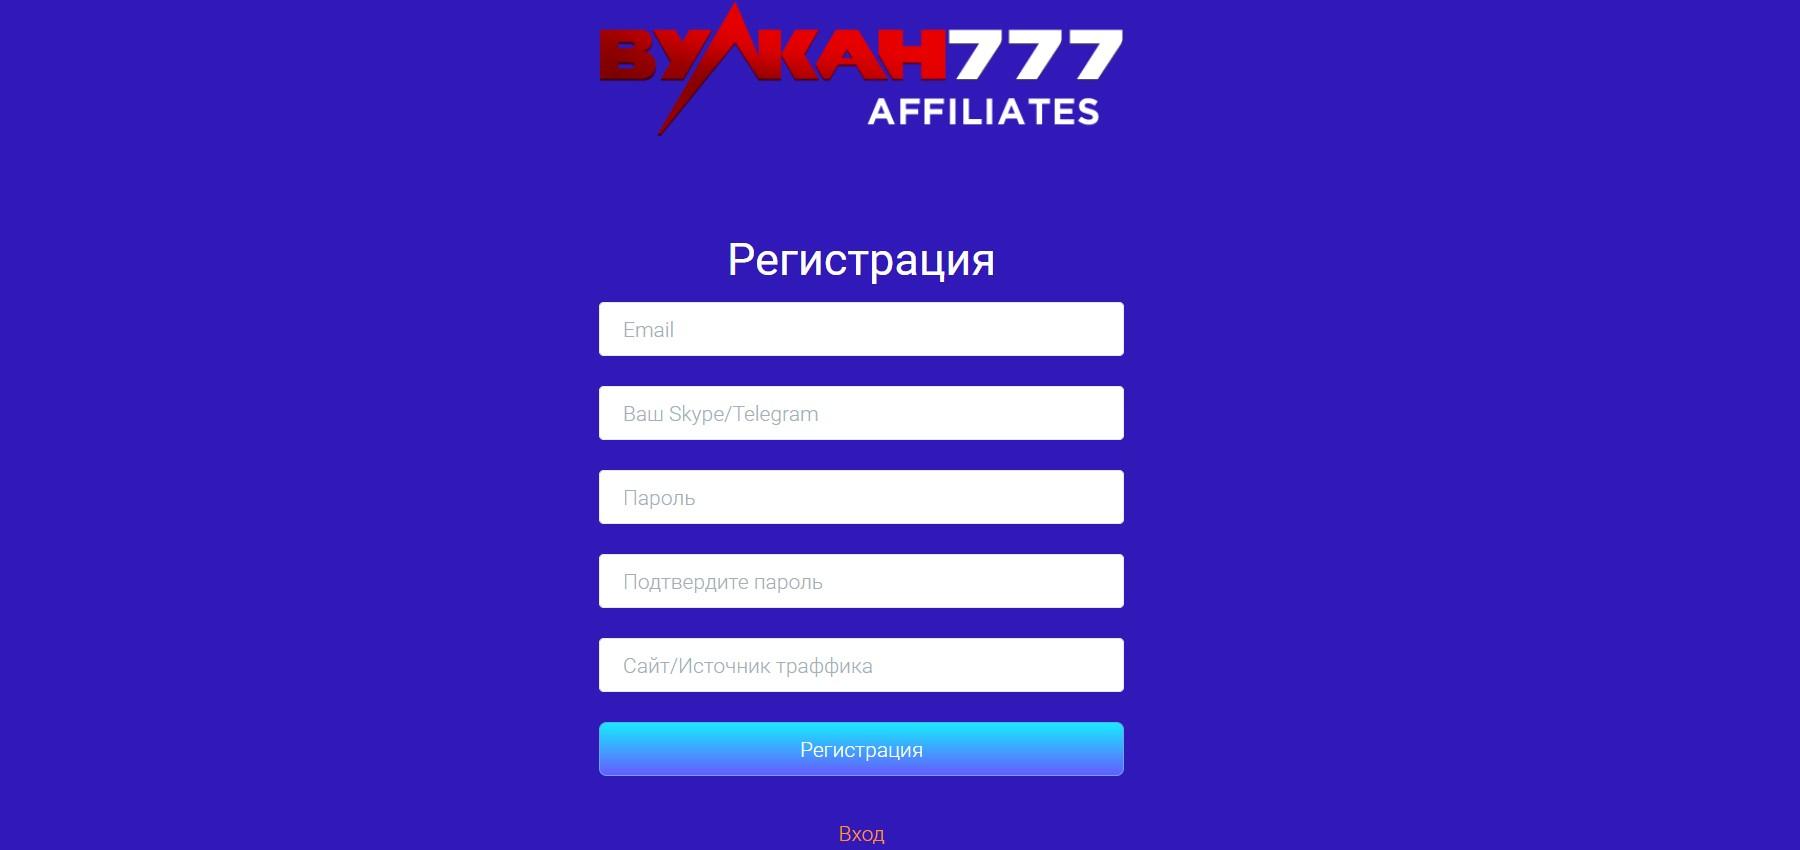 Партнерская программу Vulkan777affiliates